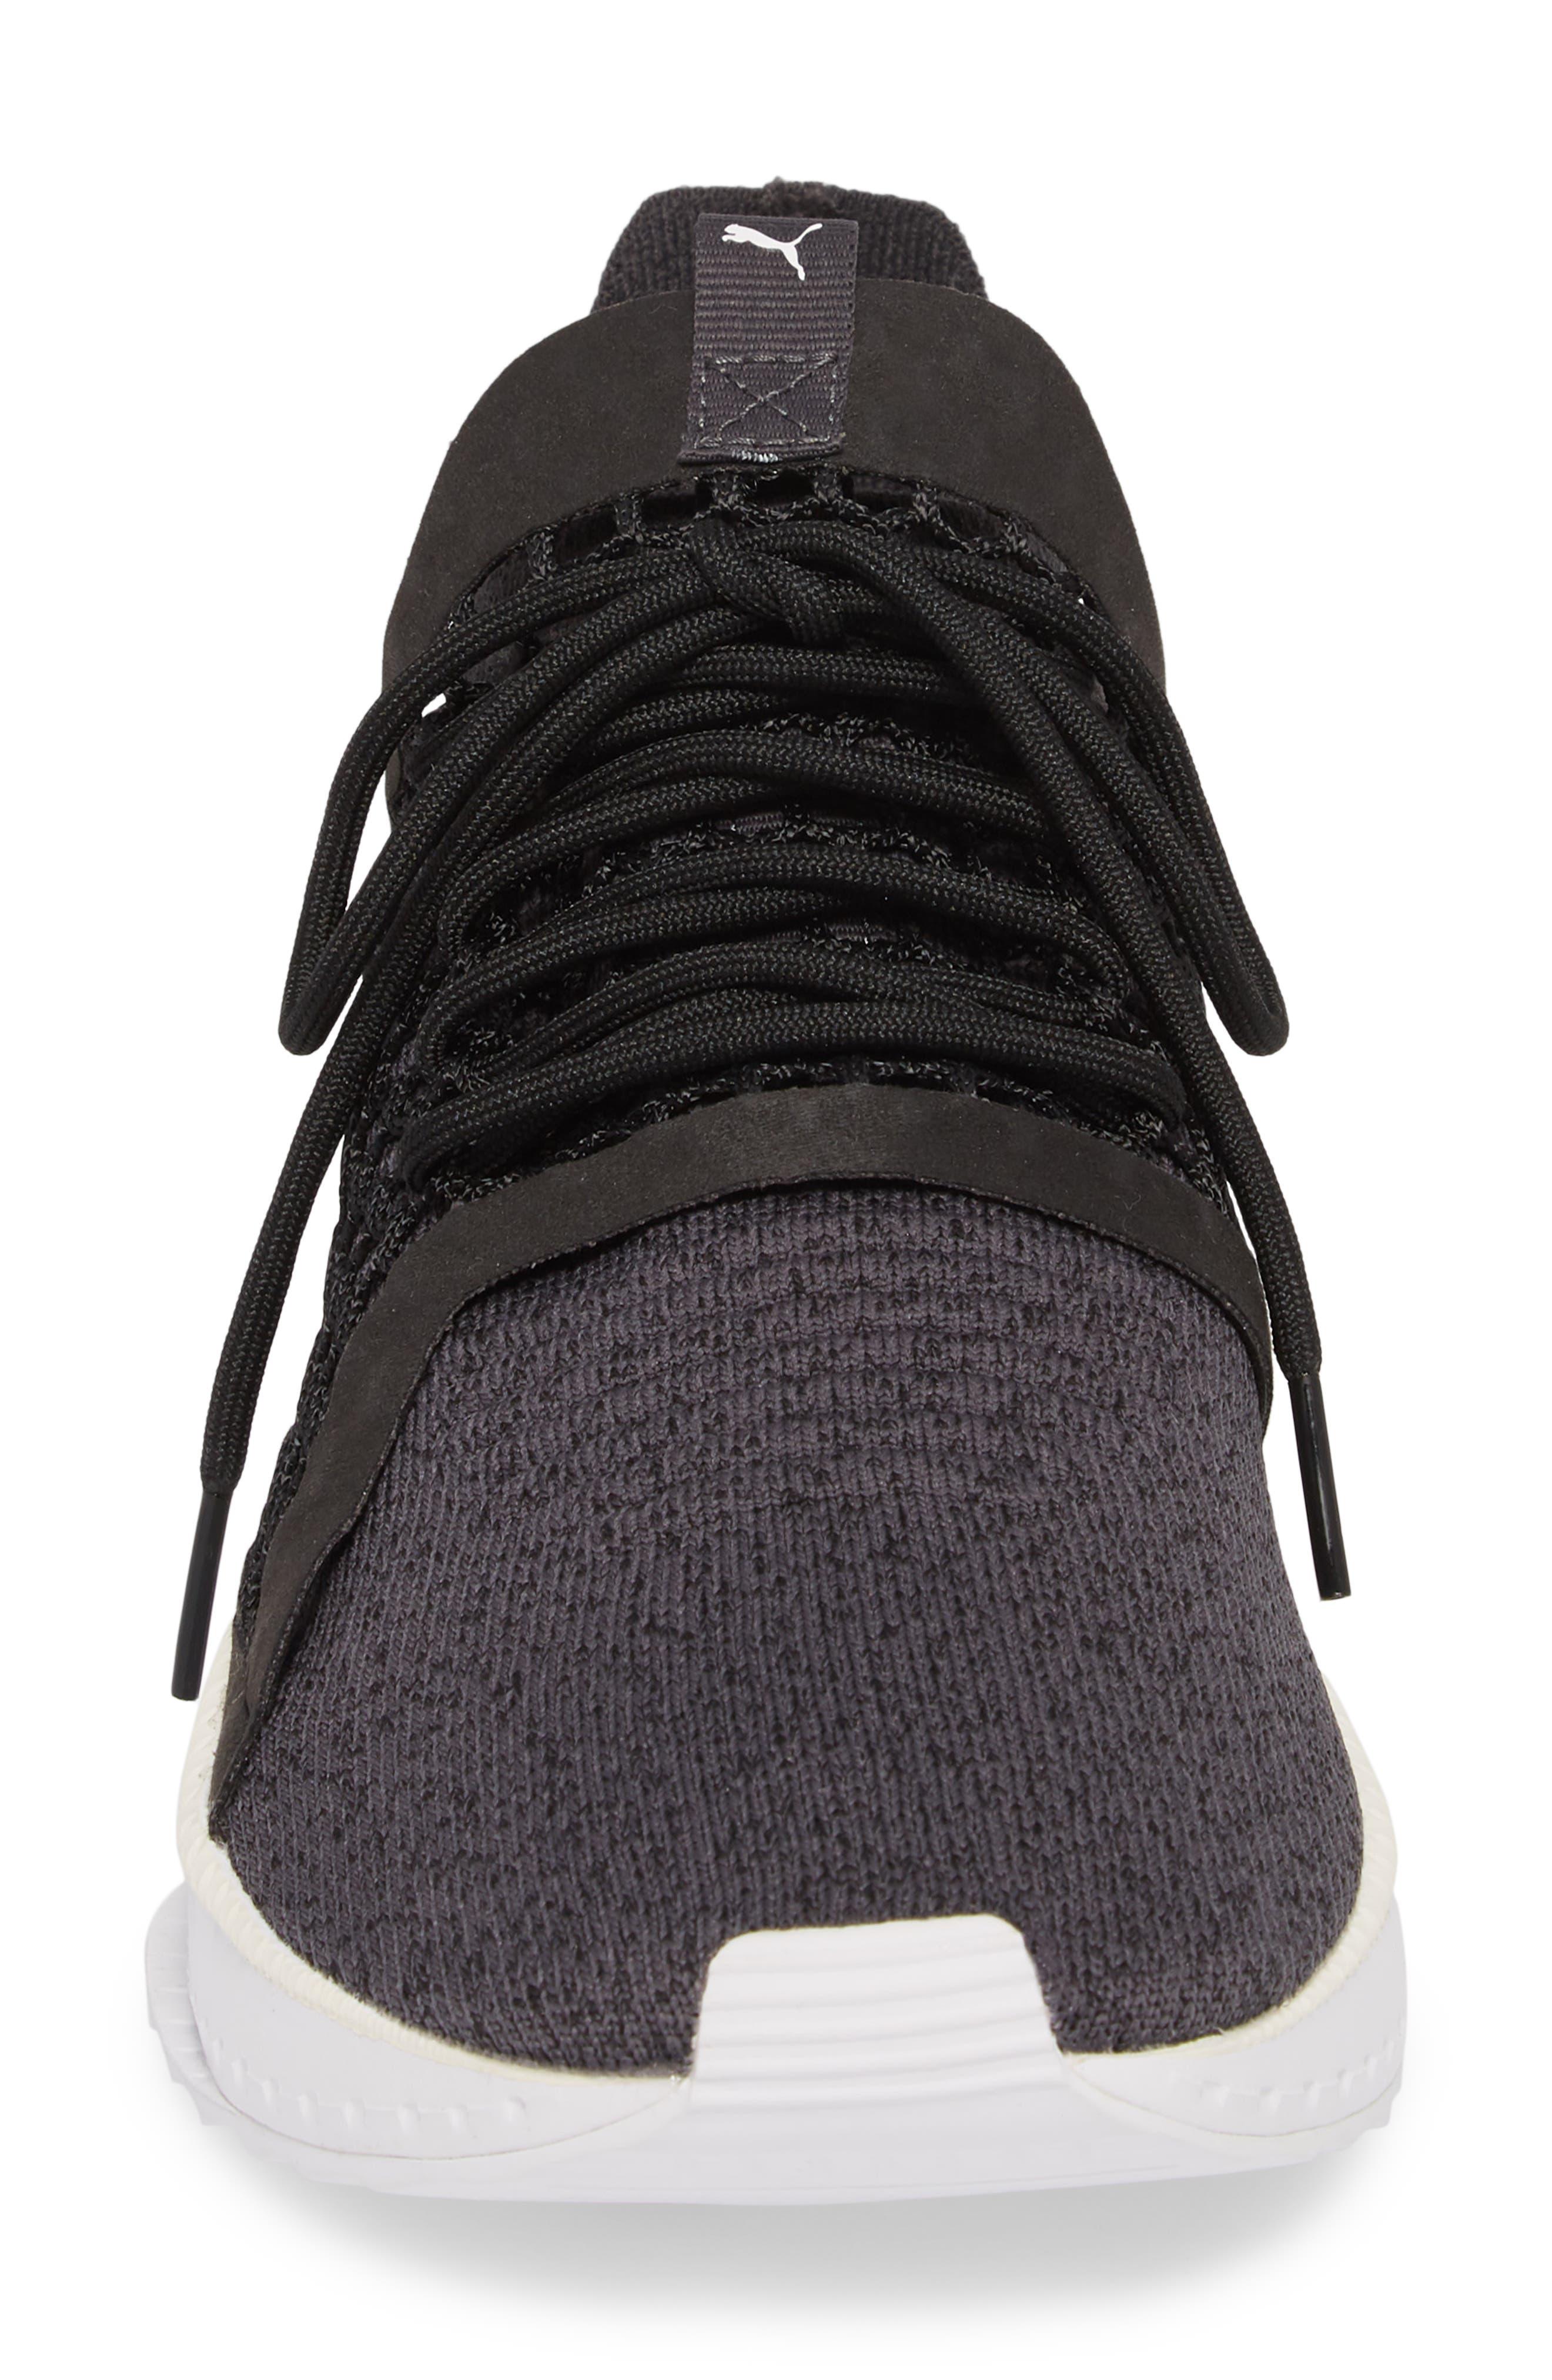 Tsugi Netfit V2 EvoKNIT Sneaker,                             Alternate thumbnail 6, color,                             Black/ Asphalt/ White